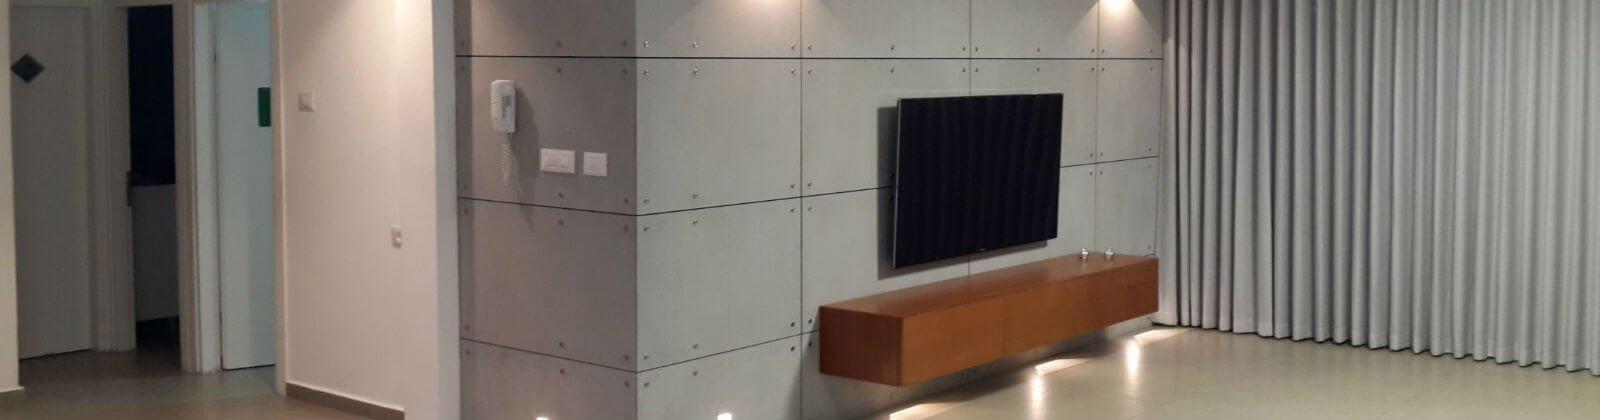 חיפוי קיר בטון חשוף דקורטיבי